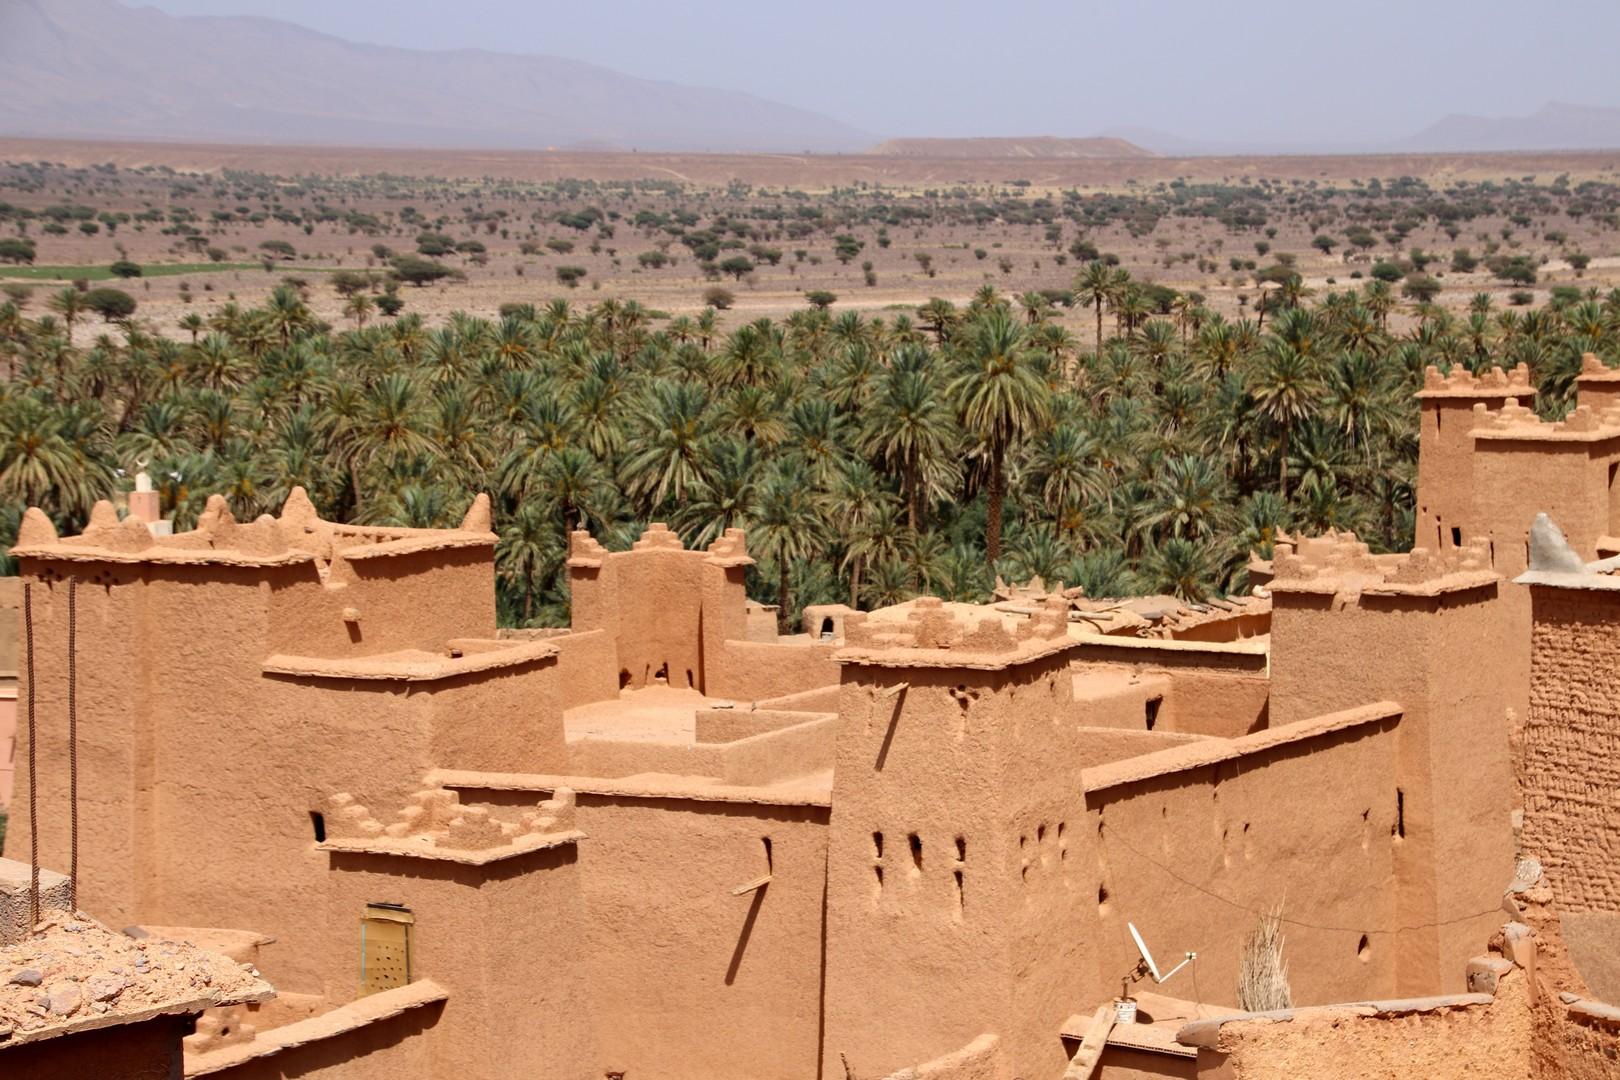 Maroc - Kasbah et palmeraie dans la vallée du Drâa